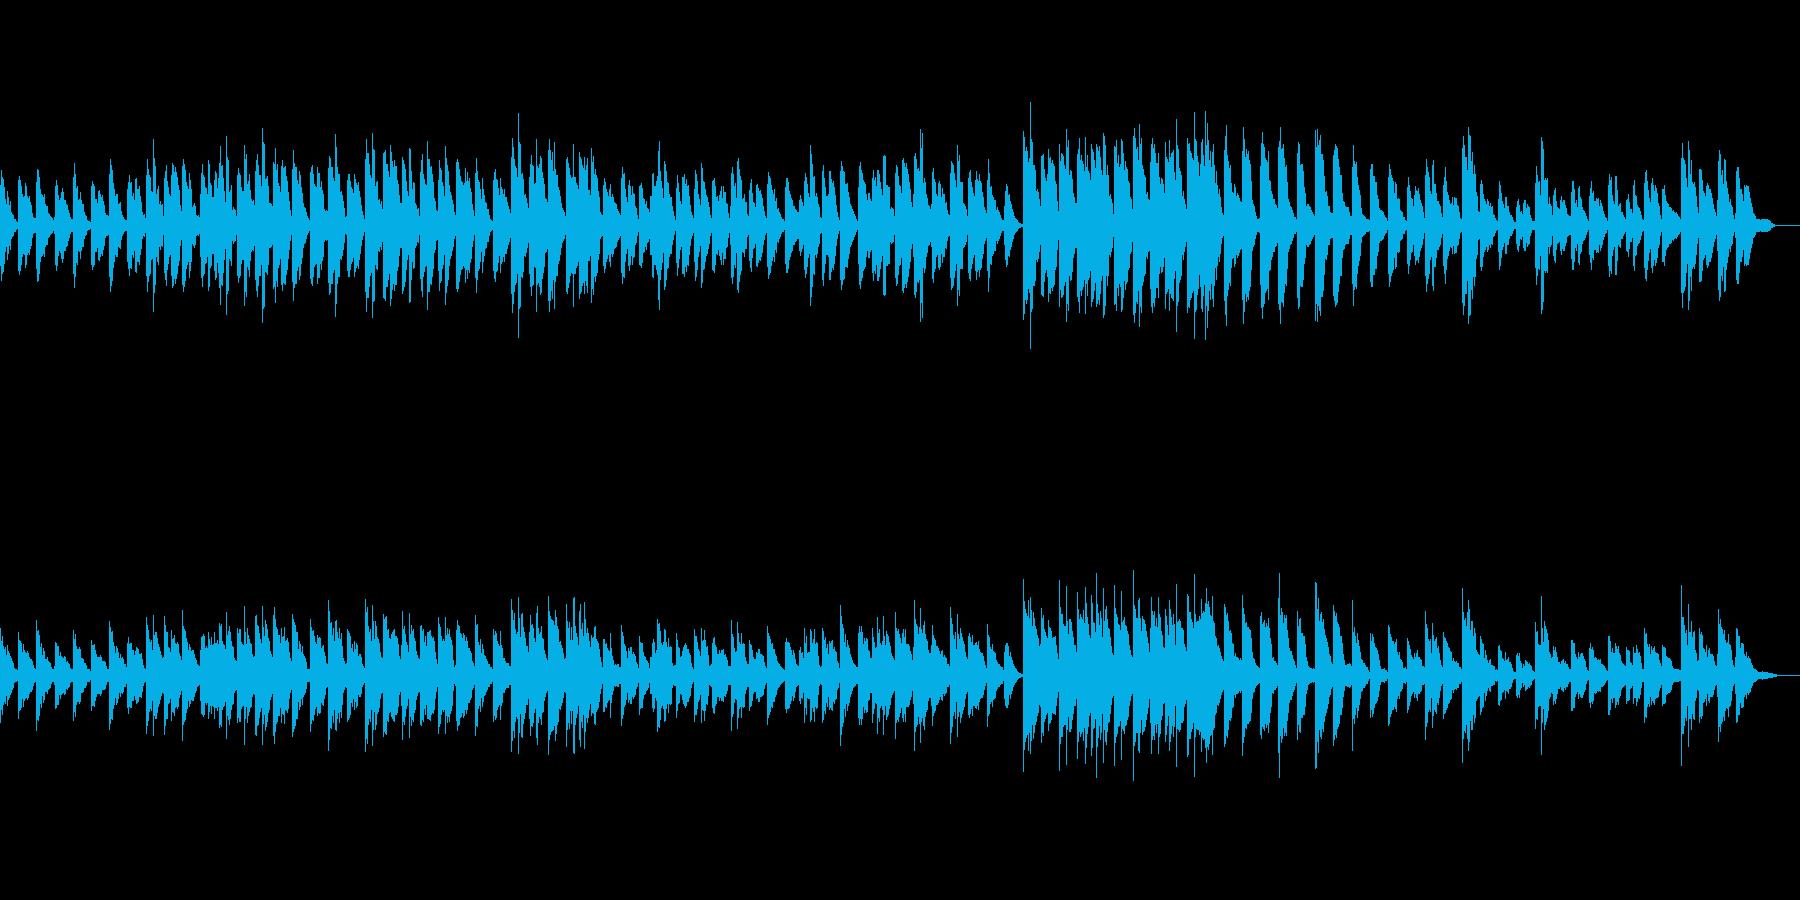 シンプルなバラード調のピアノ素材の再生済みの波形